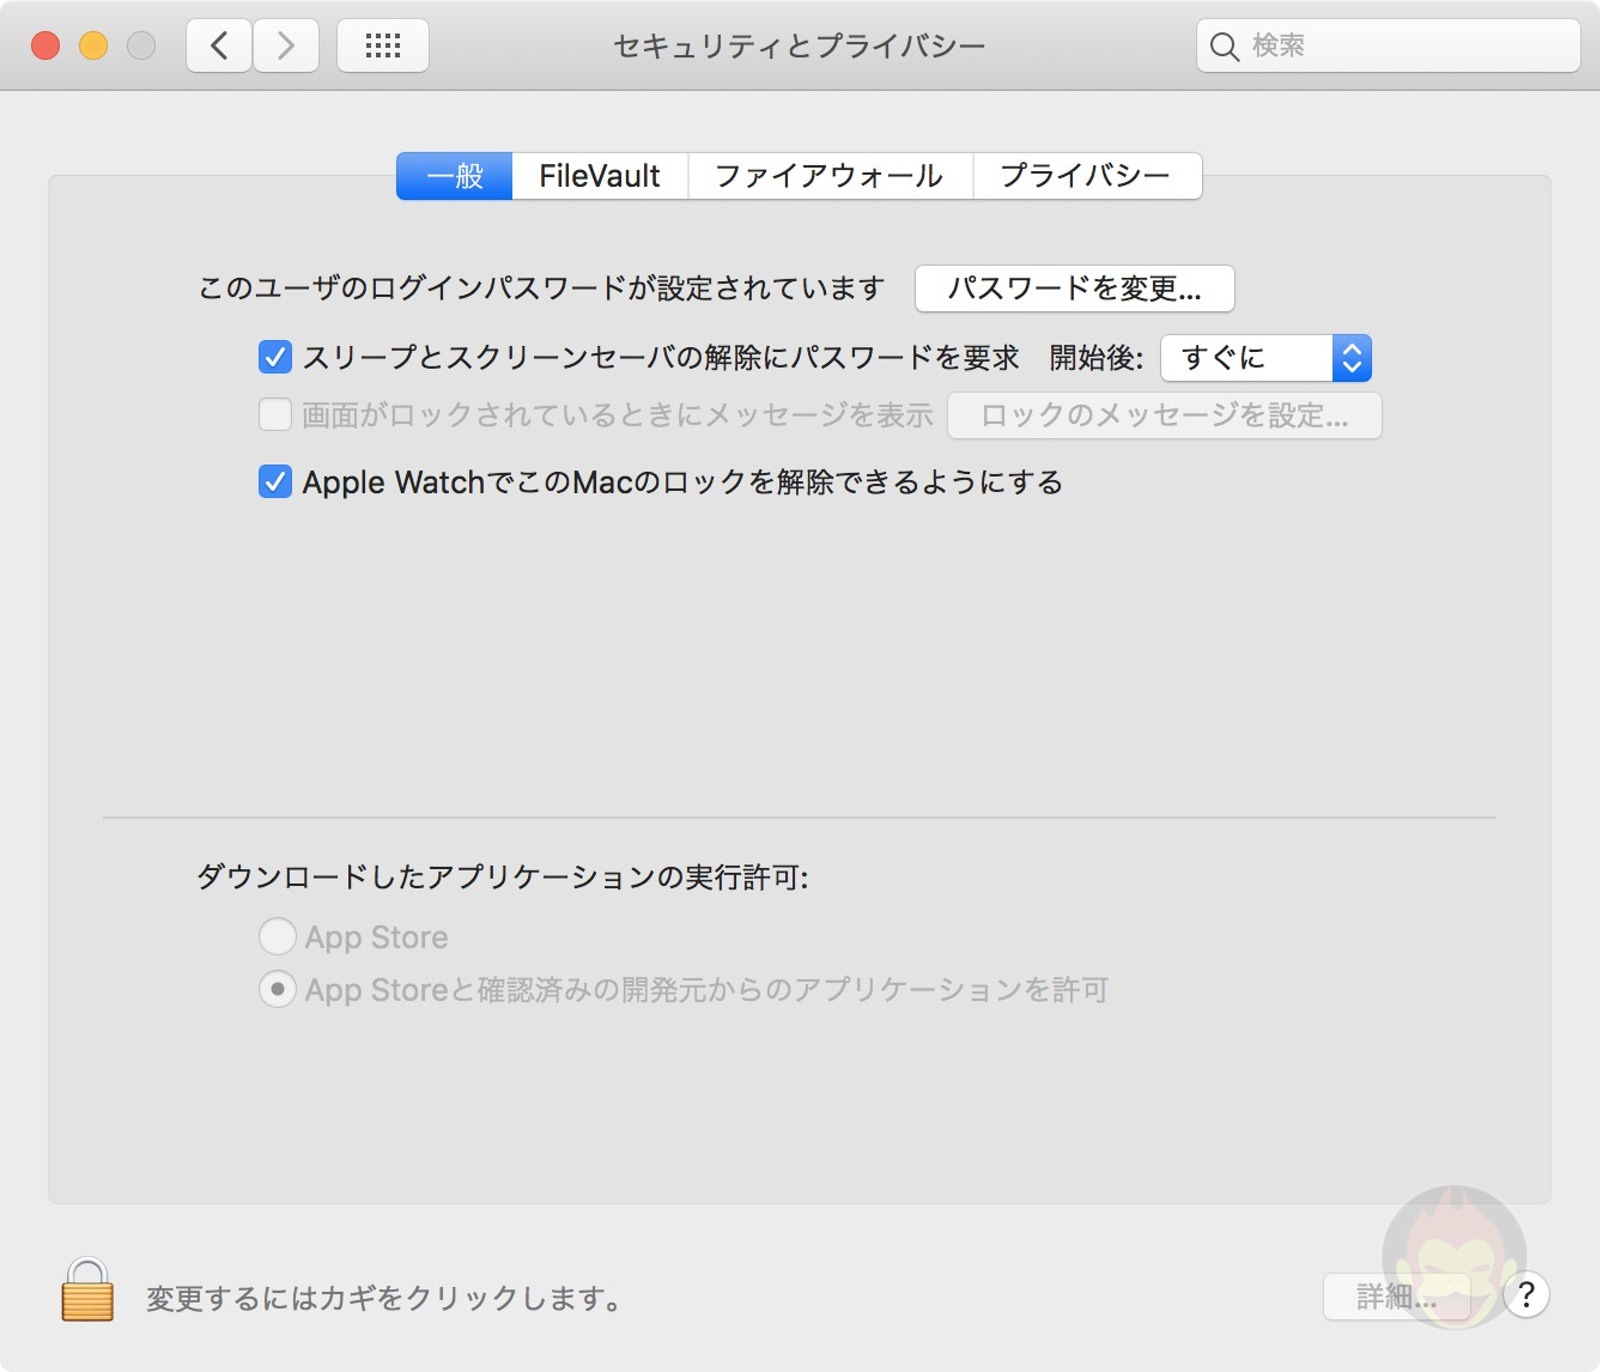 Apple-Watch-Unlock-Fails-after-update-09.jpg